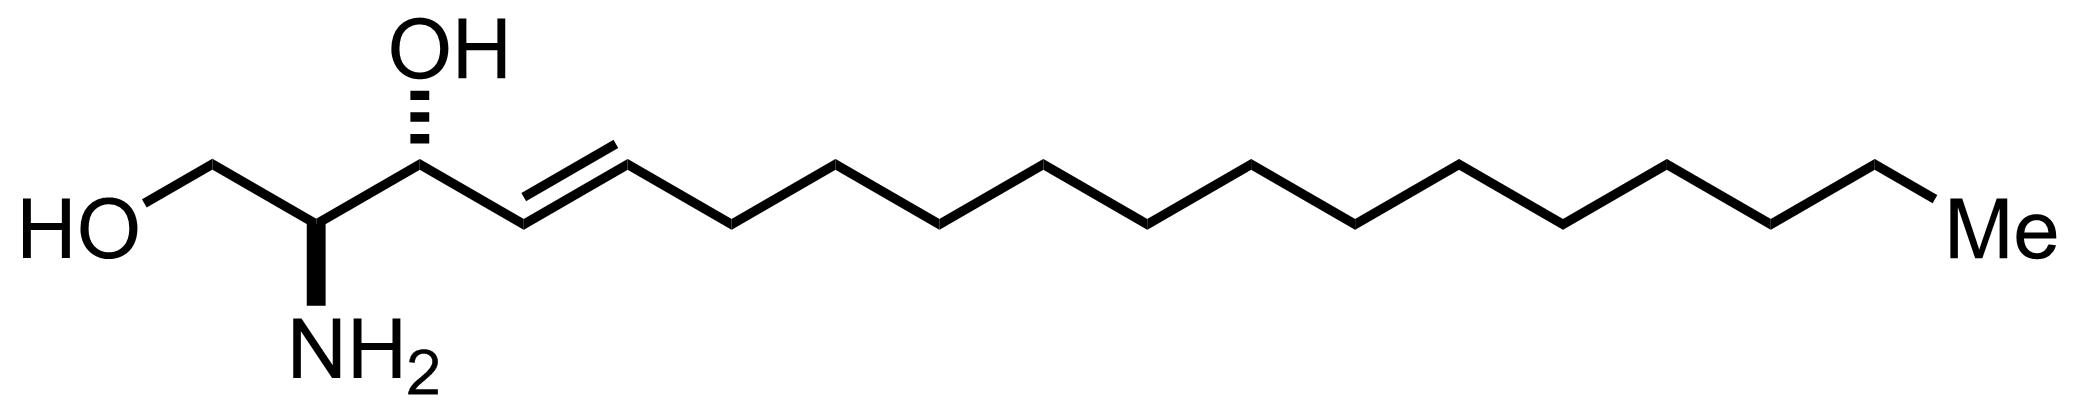 Structure of Sphingosine